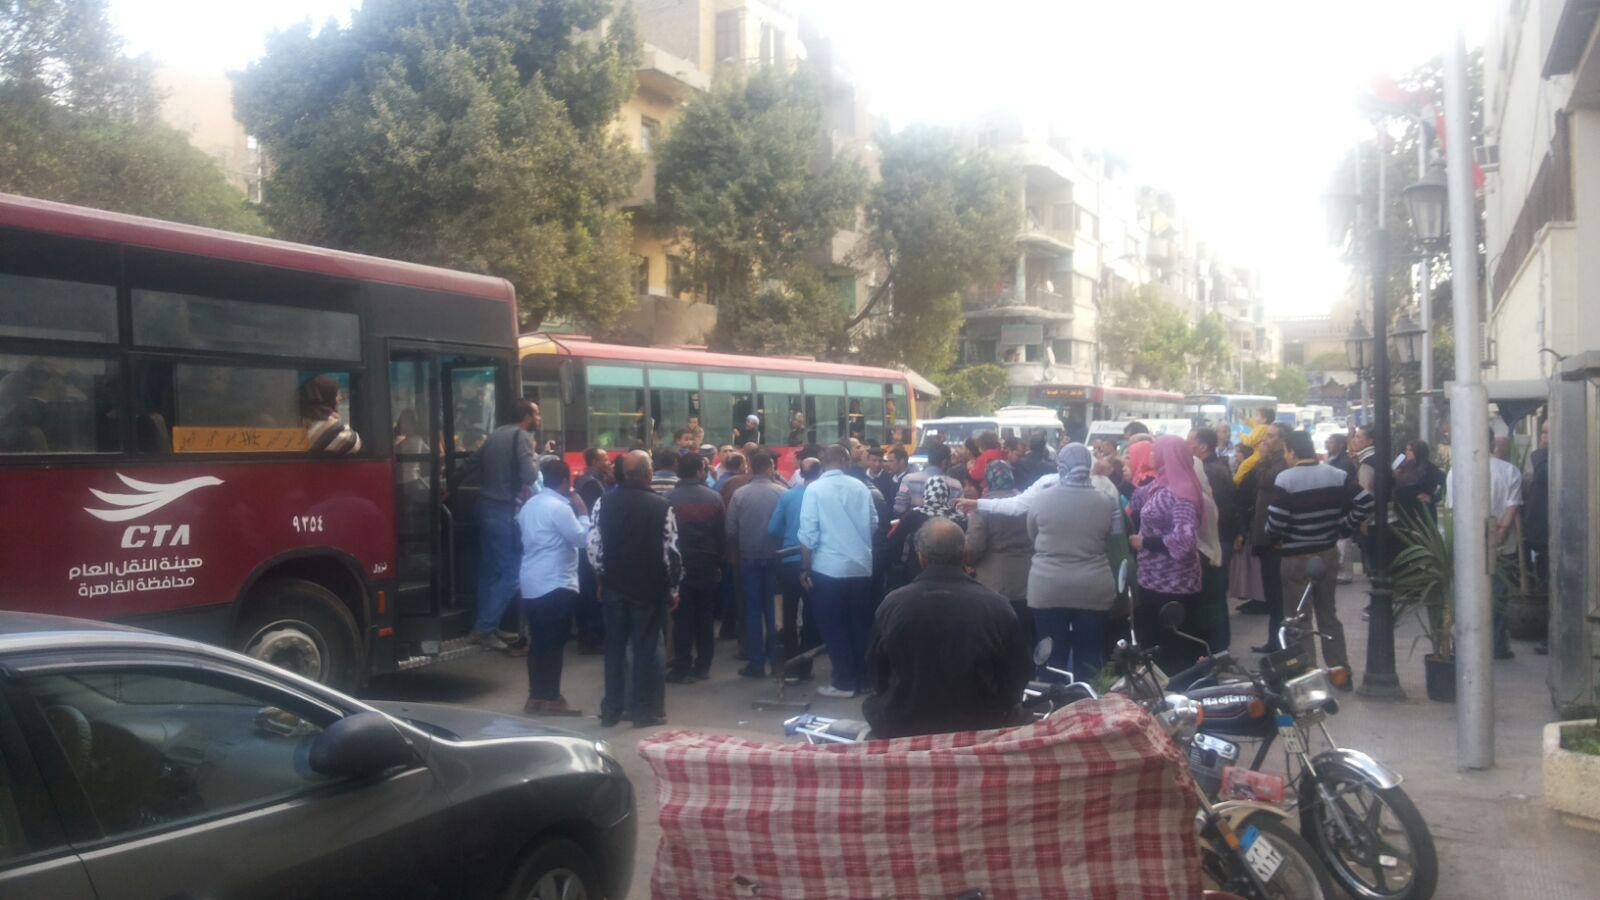 العثور على جسم غريب أمام مسجد الفتح.. وطوق أمني بميدان رمسيس